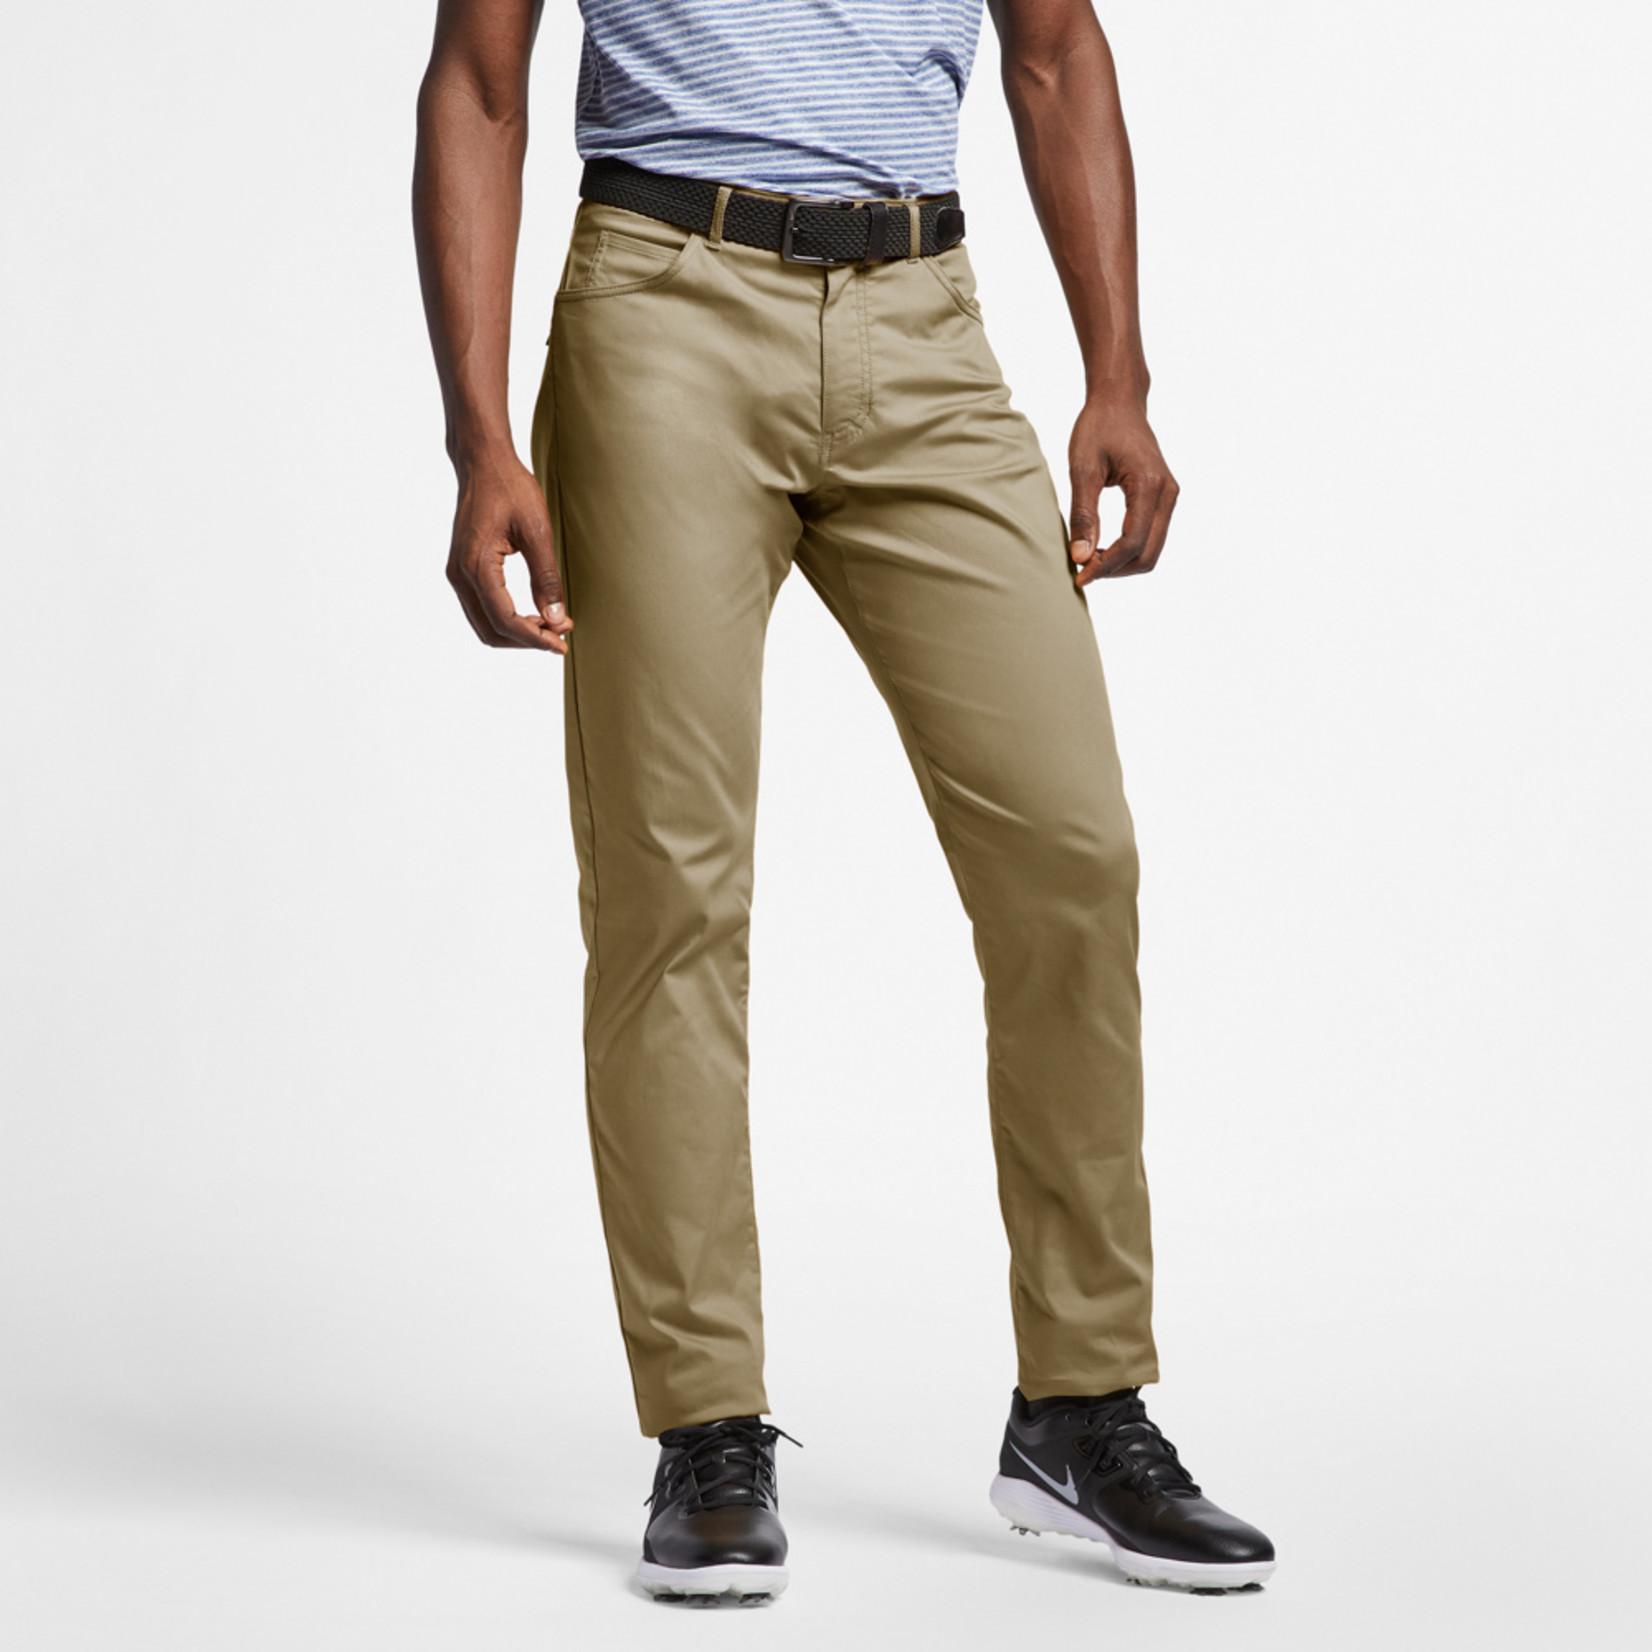 Nike Nike Flex 5 Slim Pants (21)